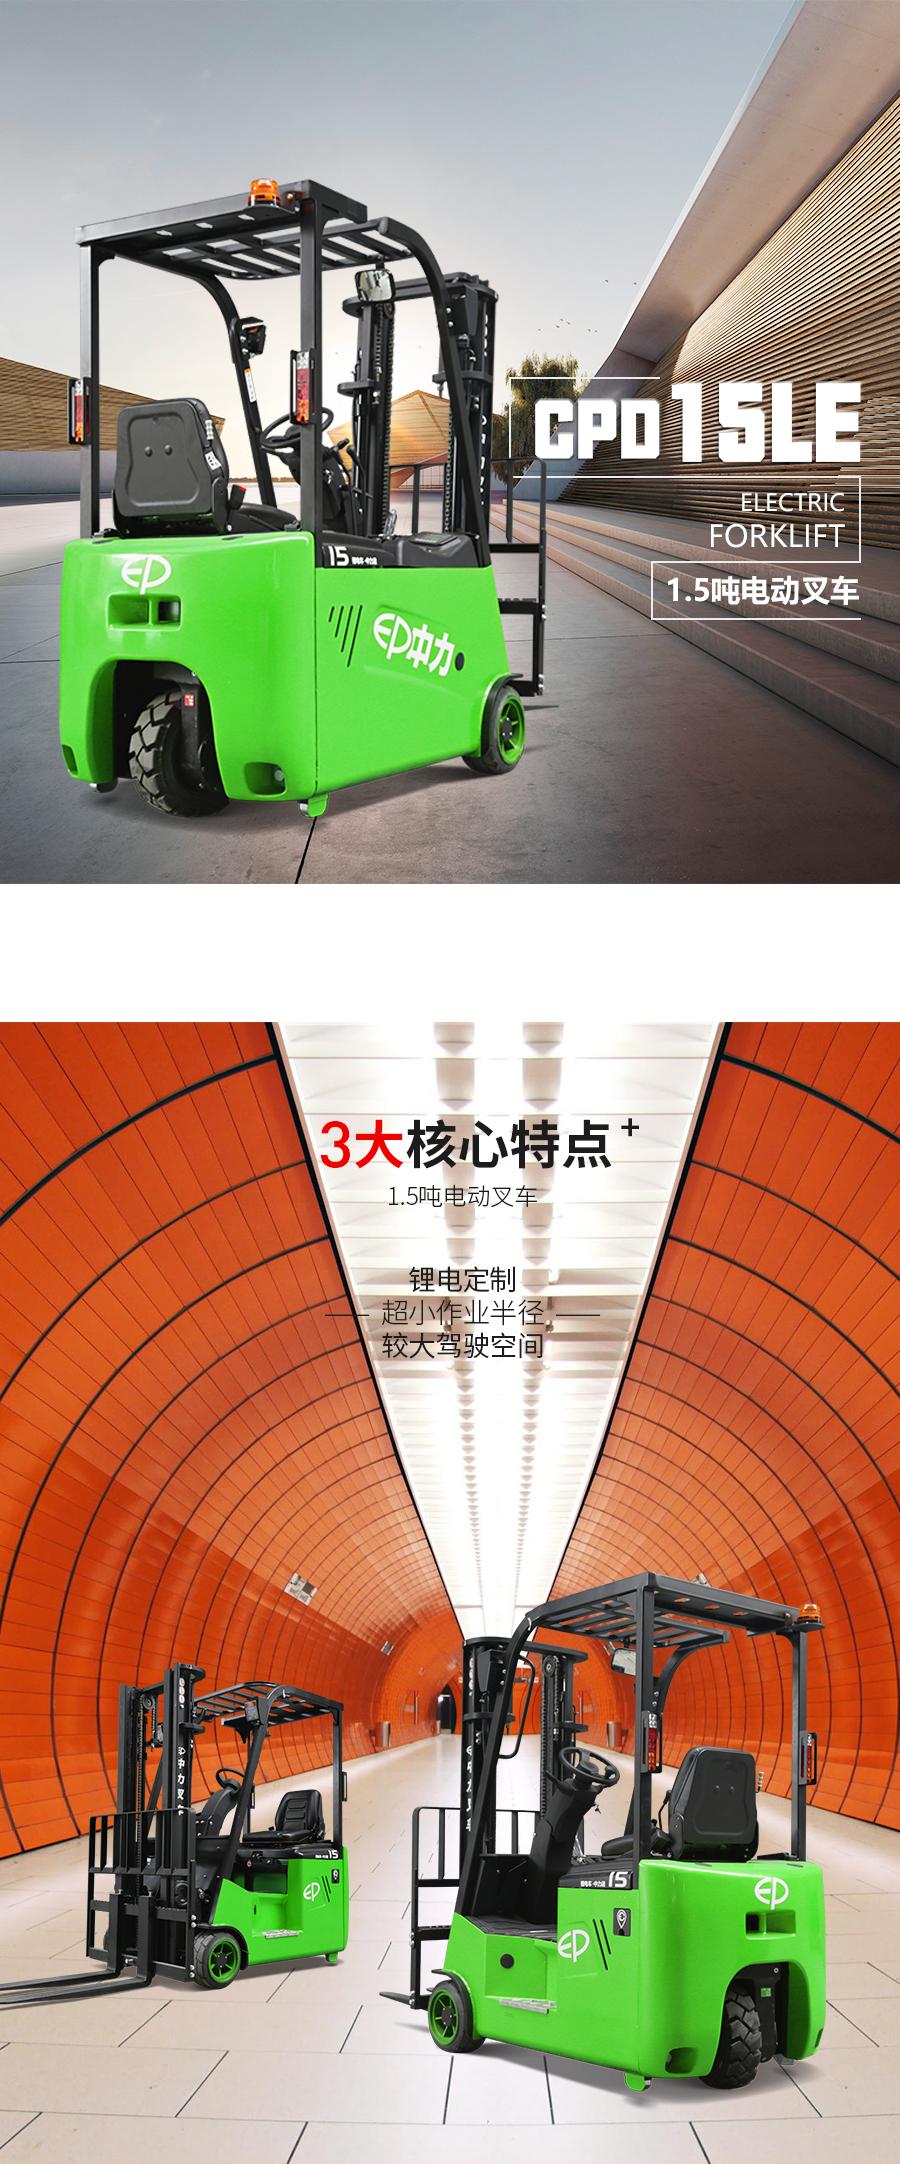 中力 1.5吨三支点锂电池平衡重叉车 CPD15LE